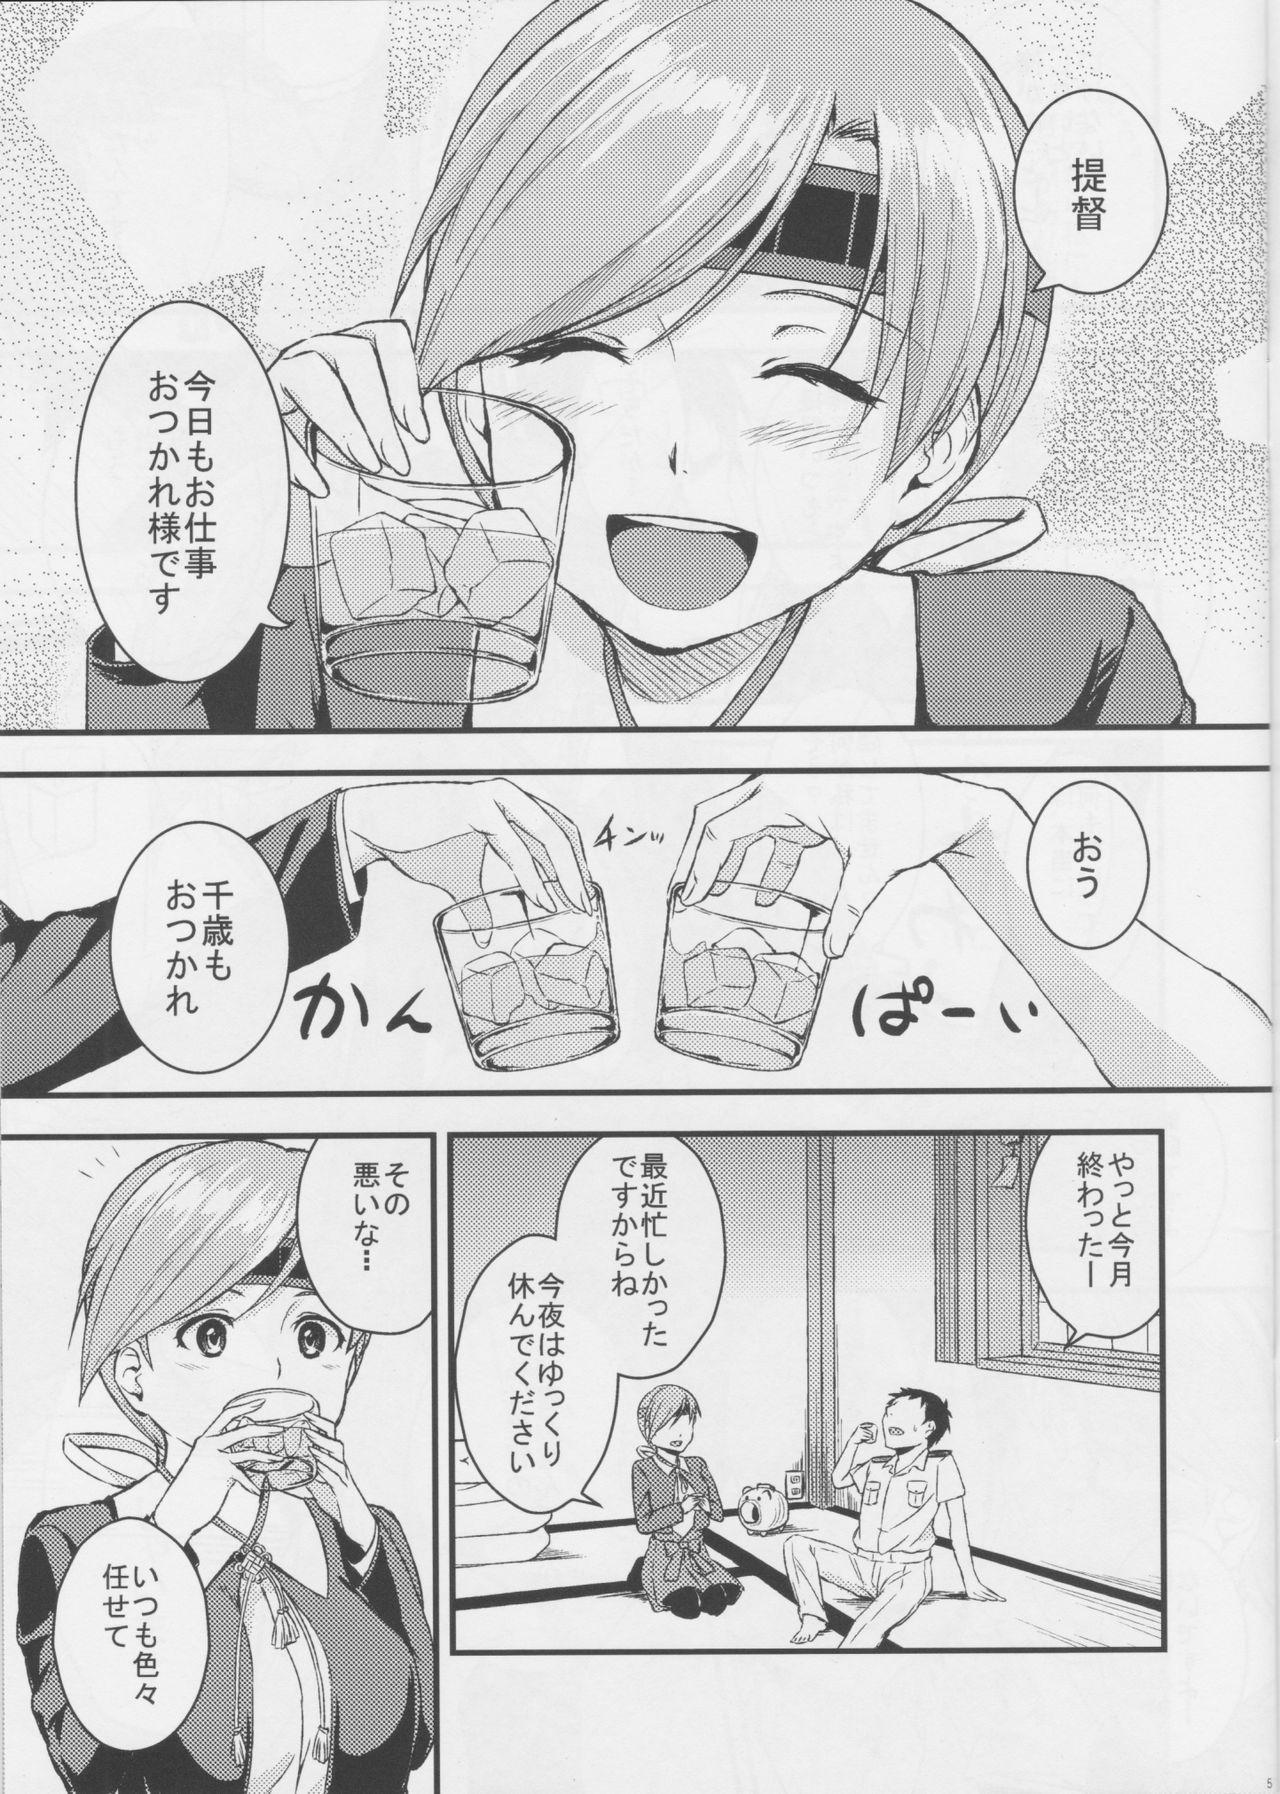 Chitose to Yasen 4